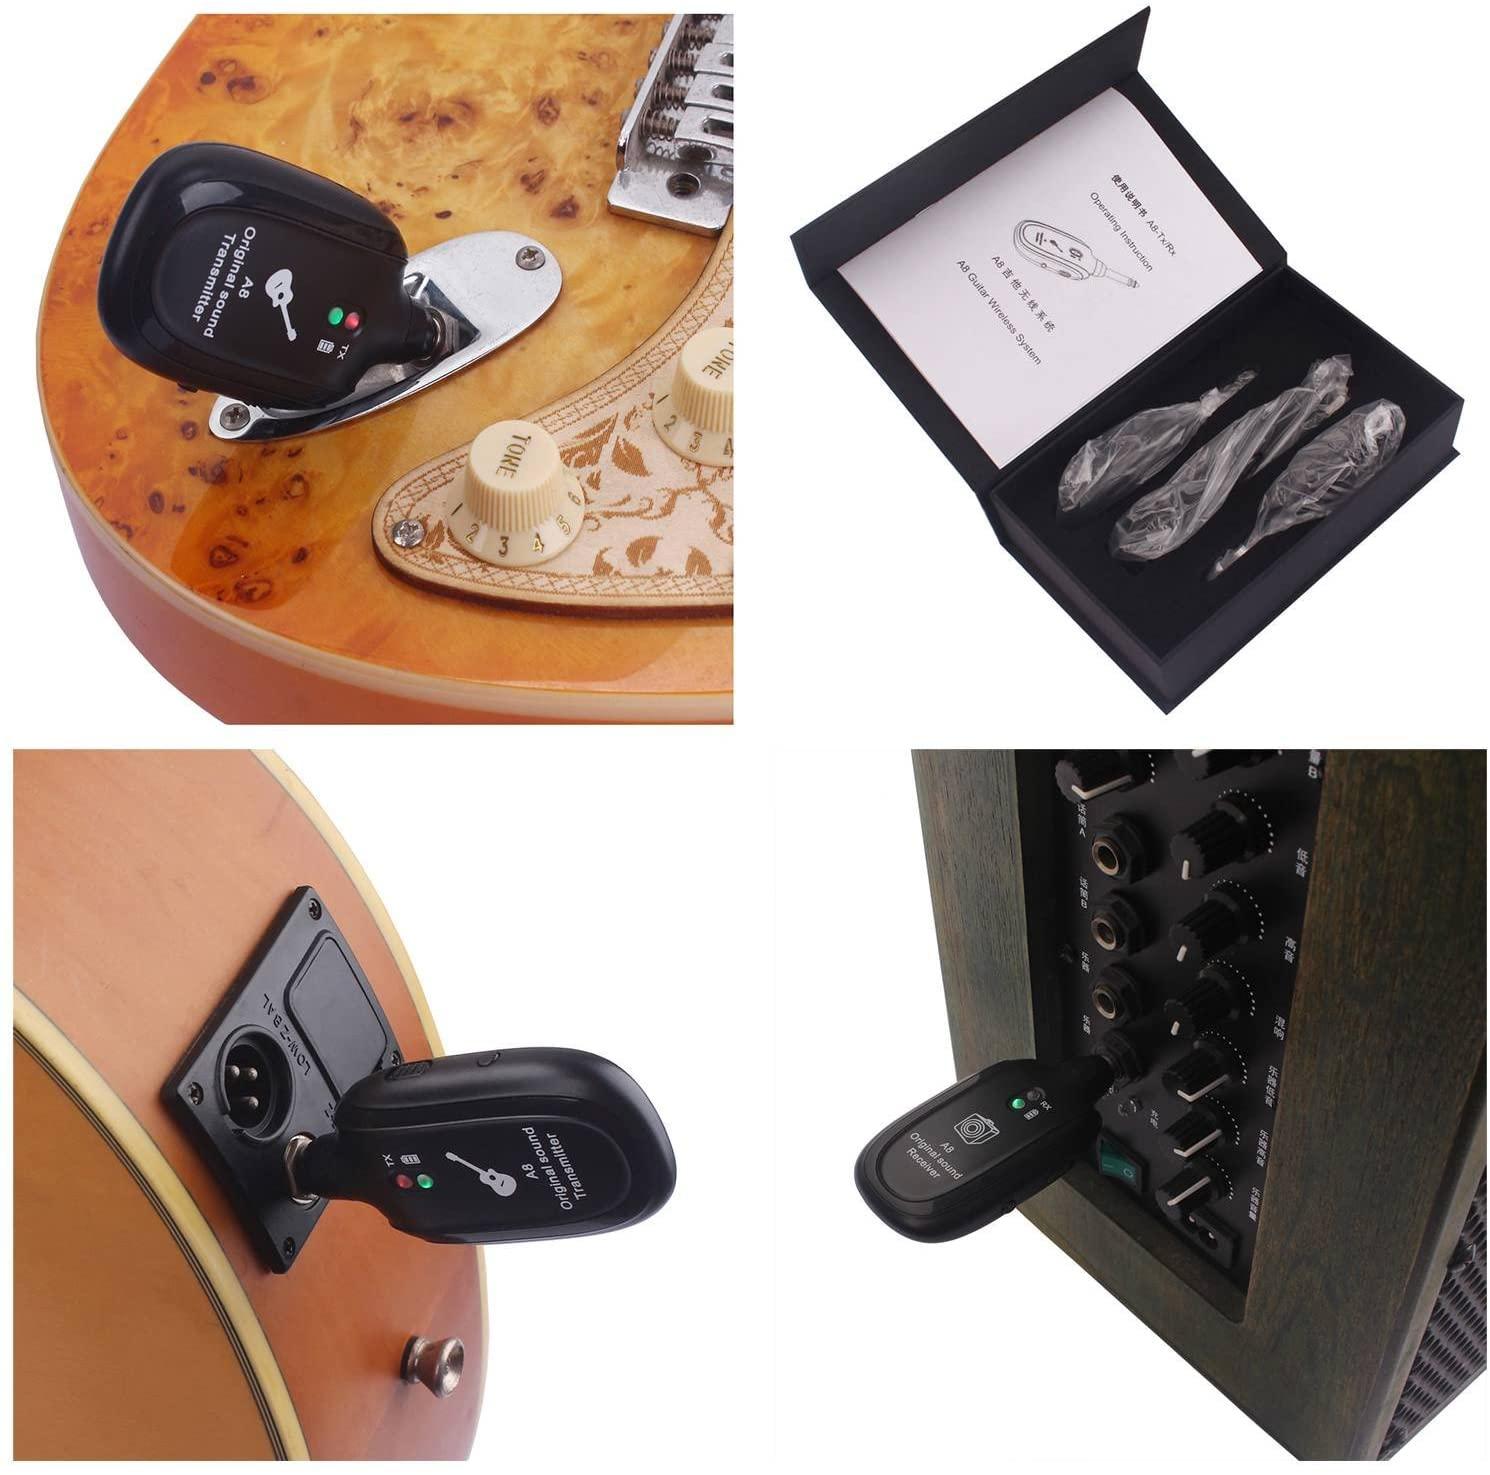 Bộ thiết bị thu và phát âm thanh A8 màu đen